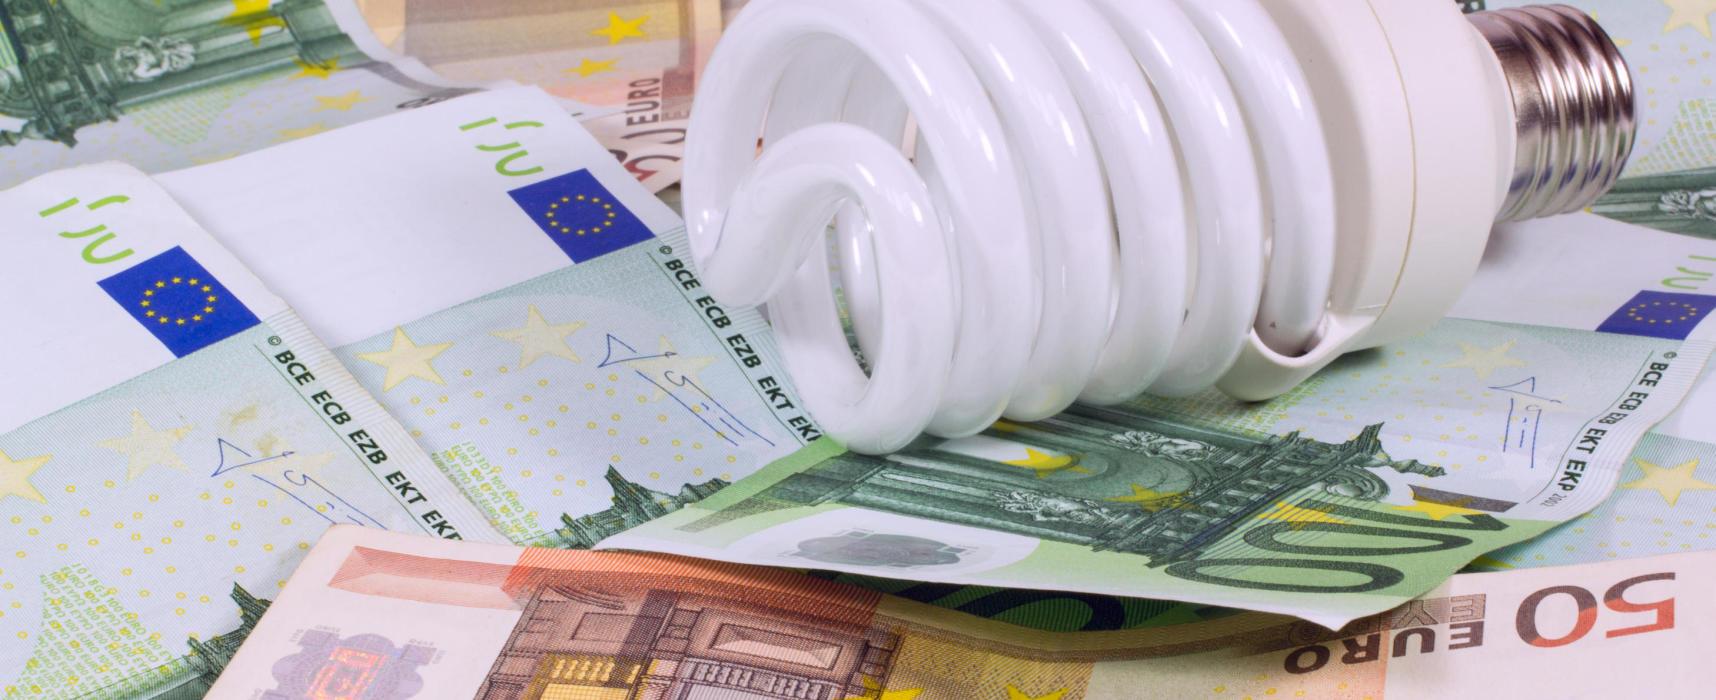 ENERGIA ELETTRICA IN ITALIA LA PIU' CARA D'EUROPA